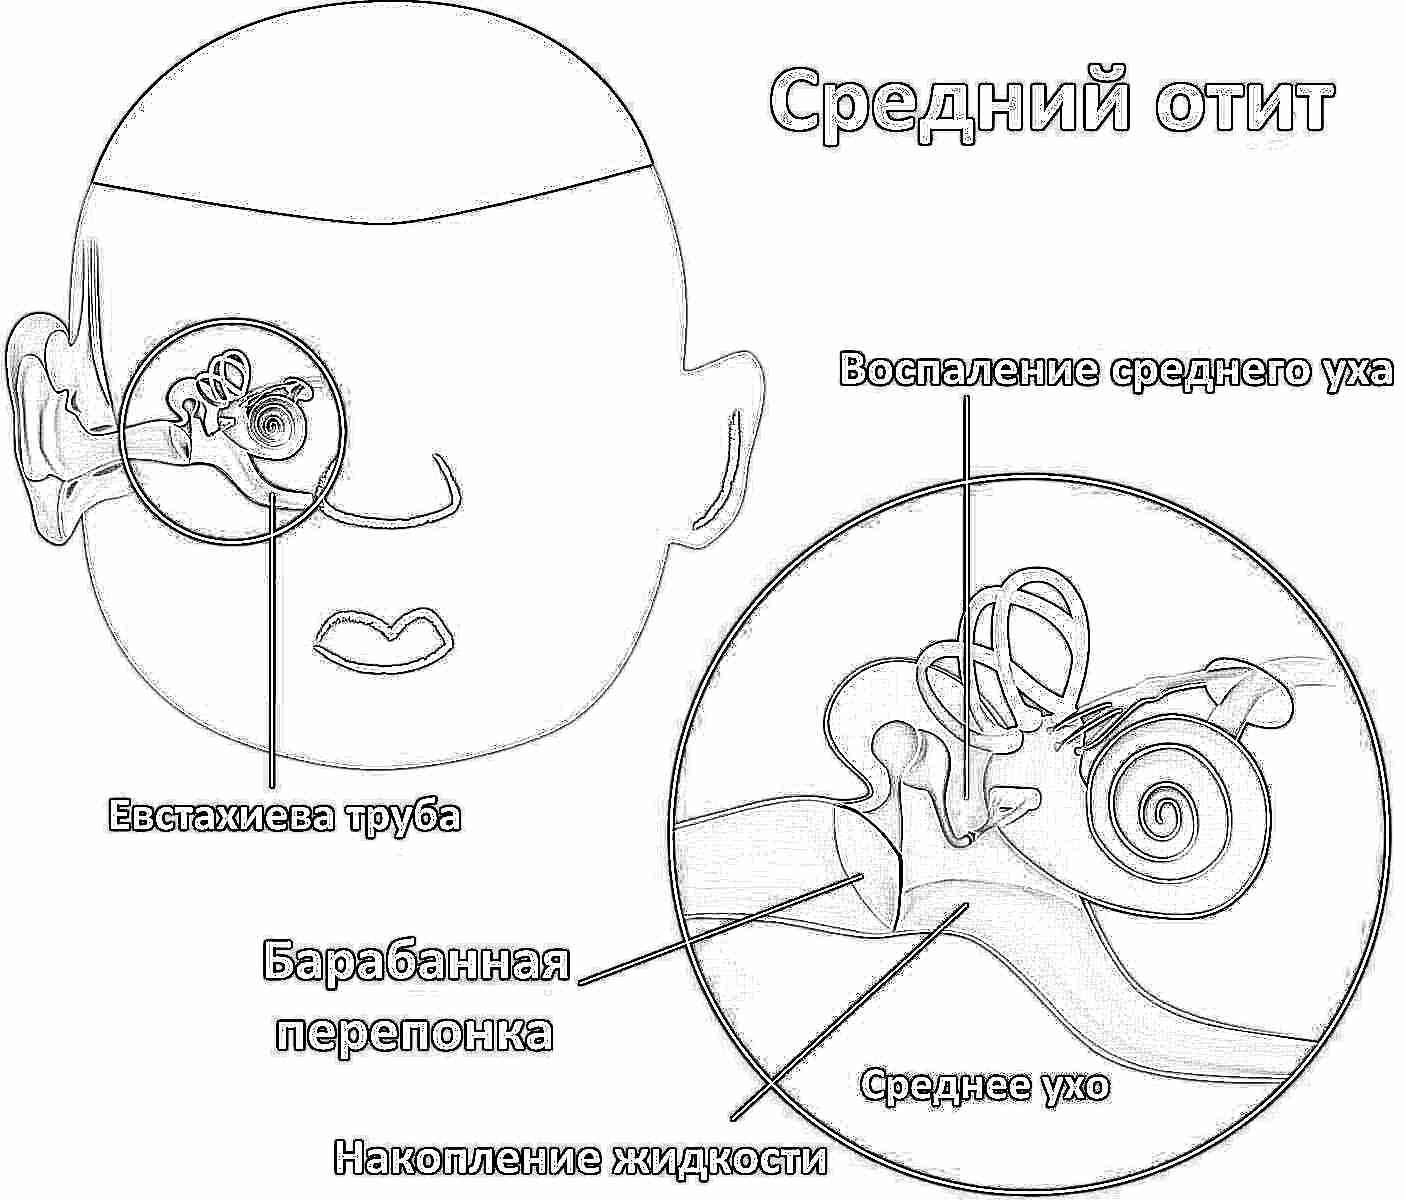 Болит в ухо попала вода, что делать? » Домашняя копилка 21